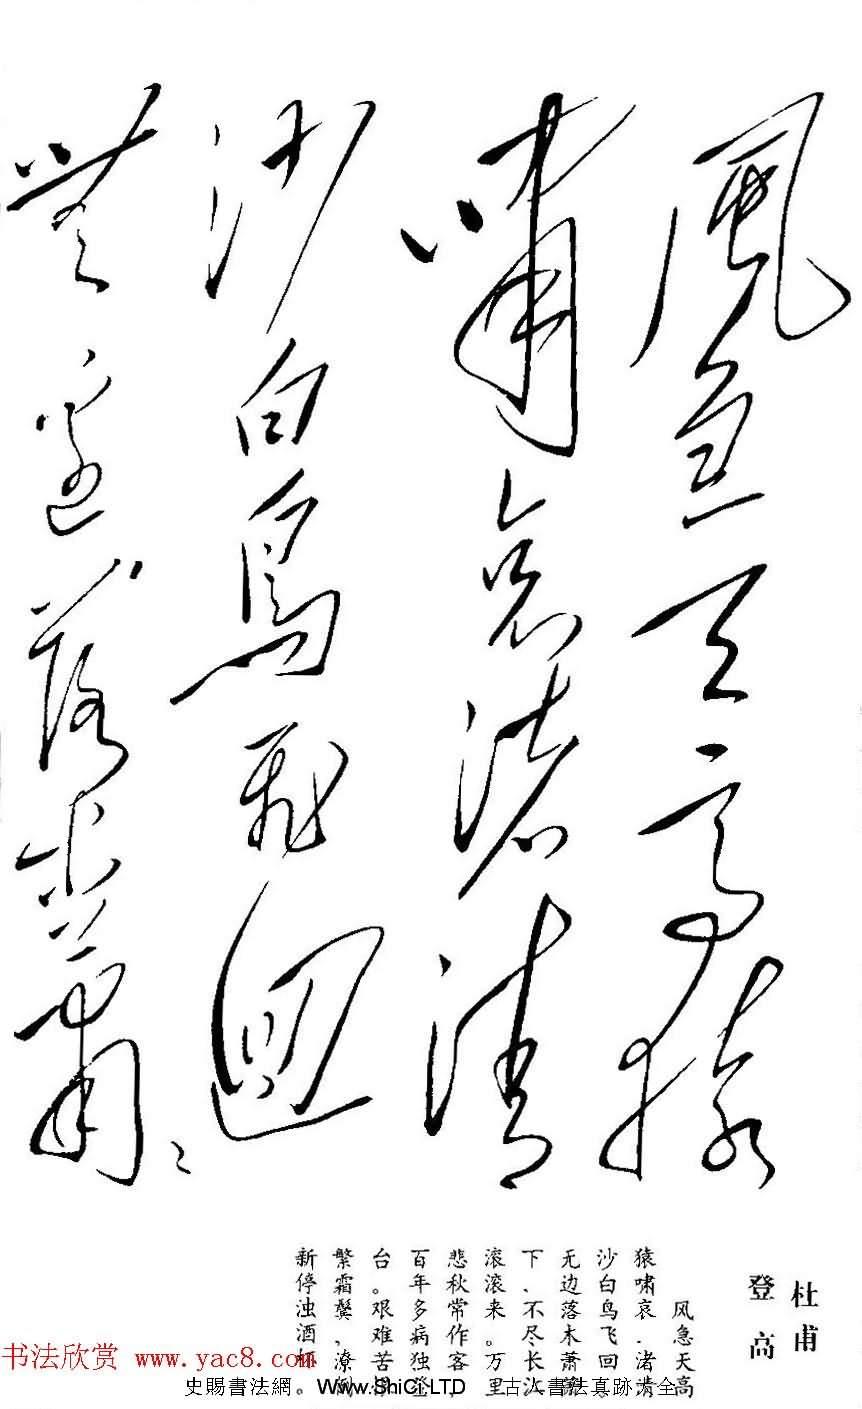 毛澤東書法真跡字帖《杜甫詩詞五首》(共12張圖片)